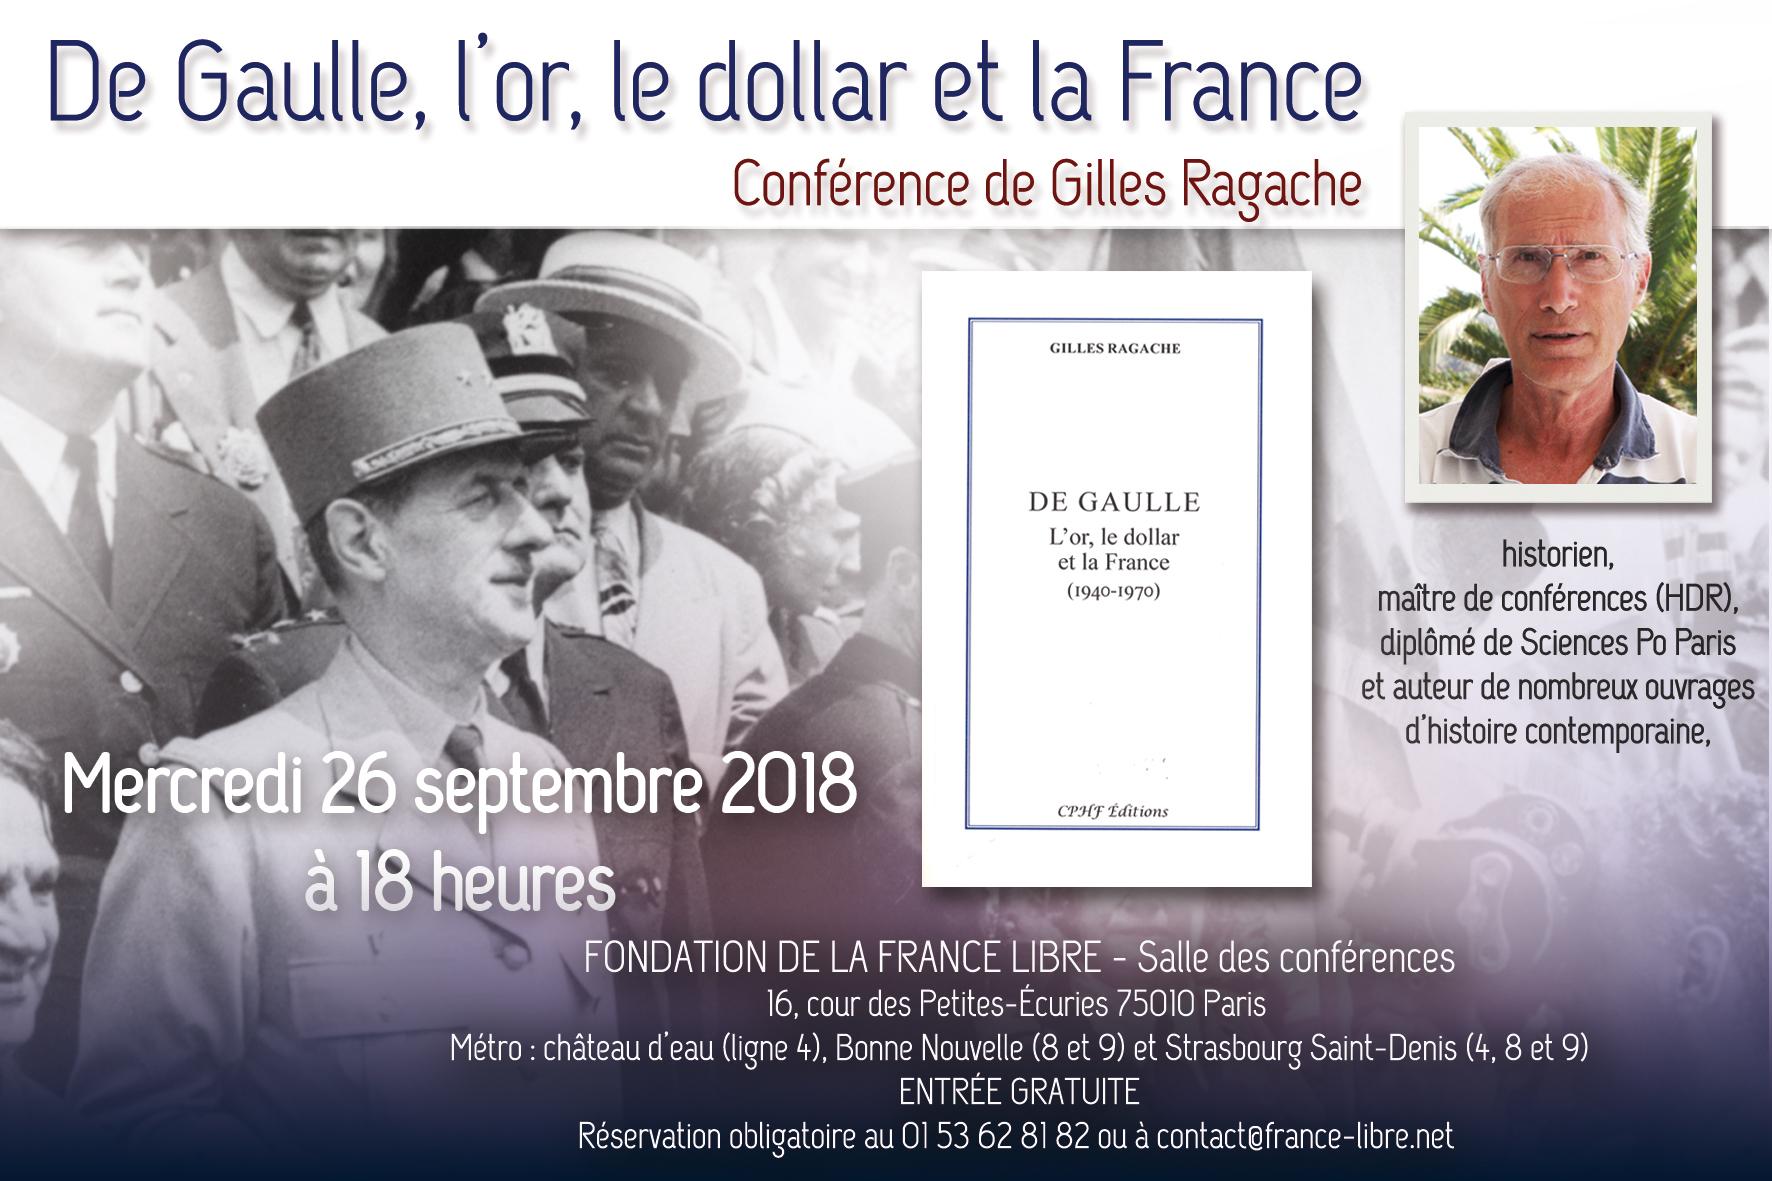 De Gaulle, l'or, le dollar et la France (conférence)